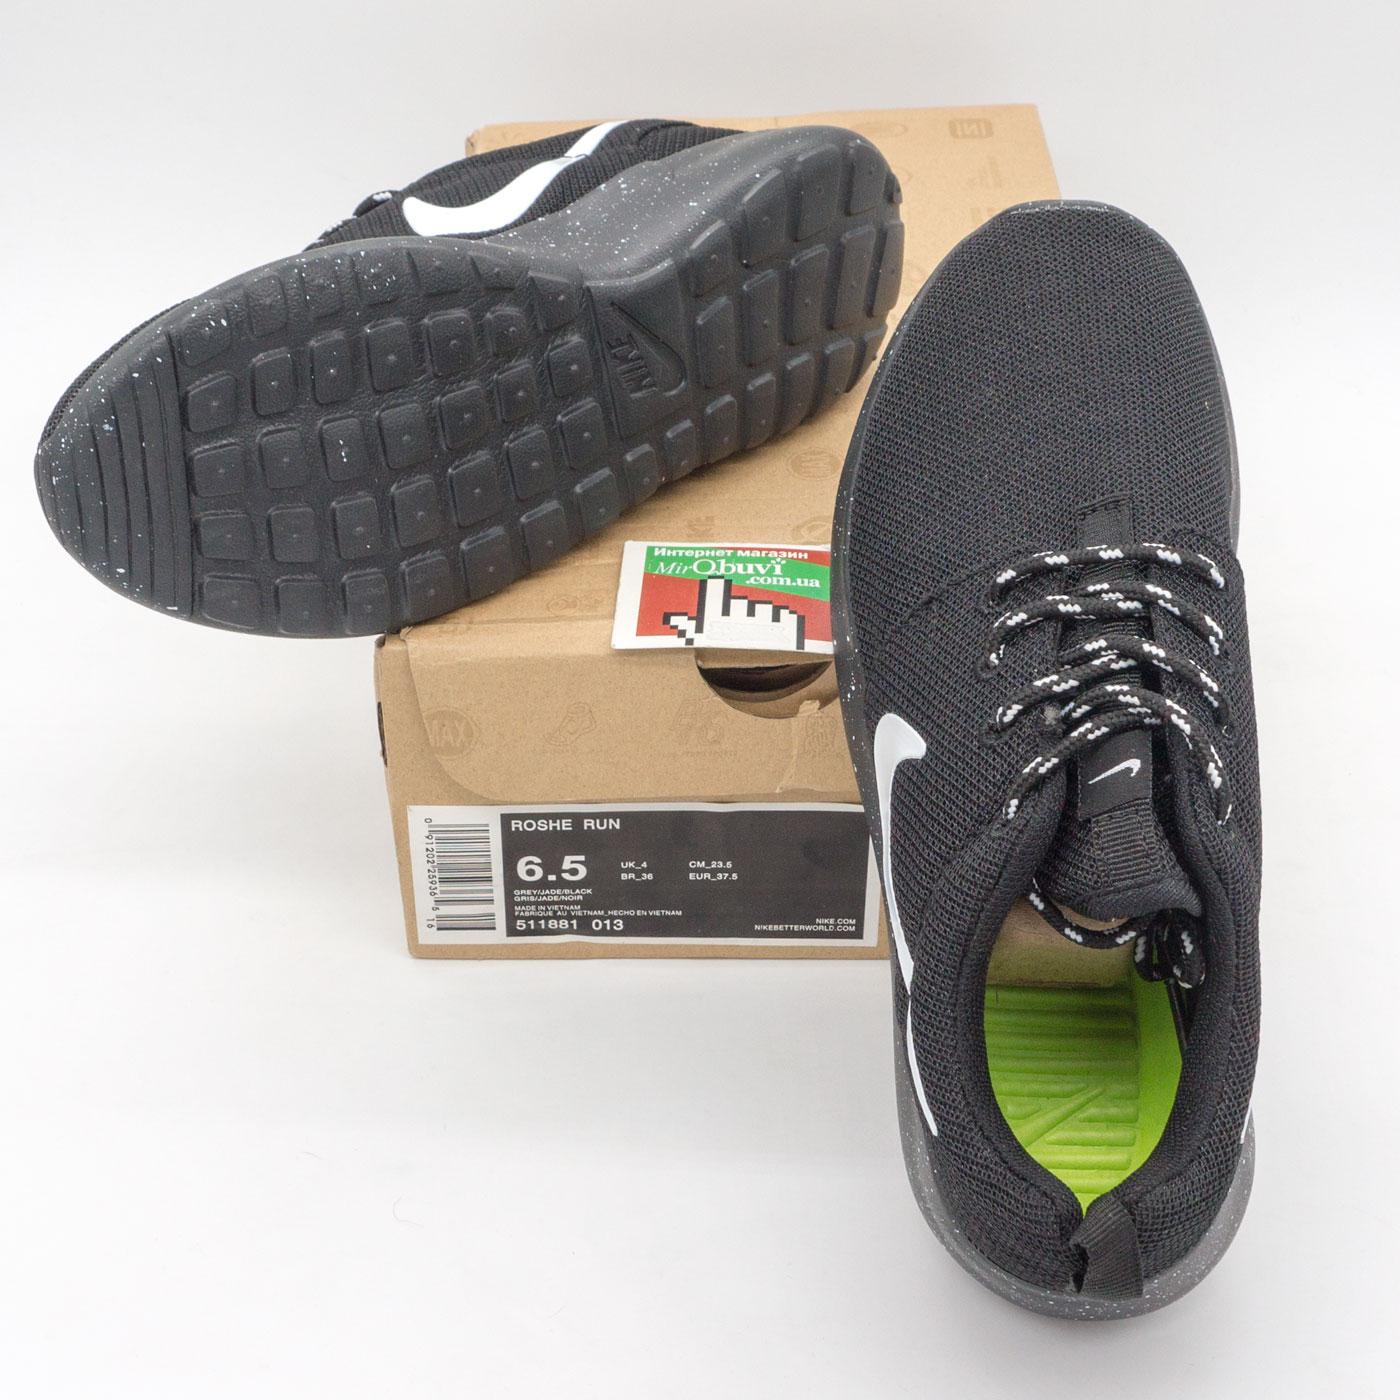 фото bottom Nike Roshe Run полностью черные в крапинку. Топ качество!!! bottom